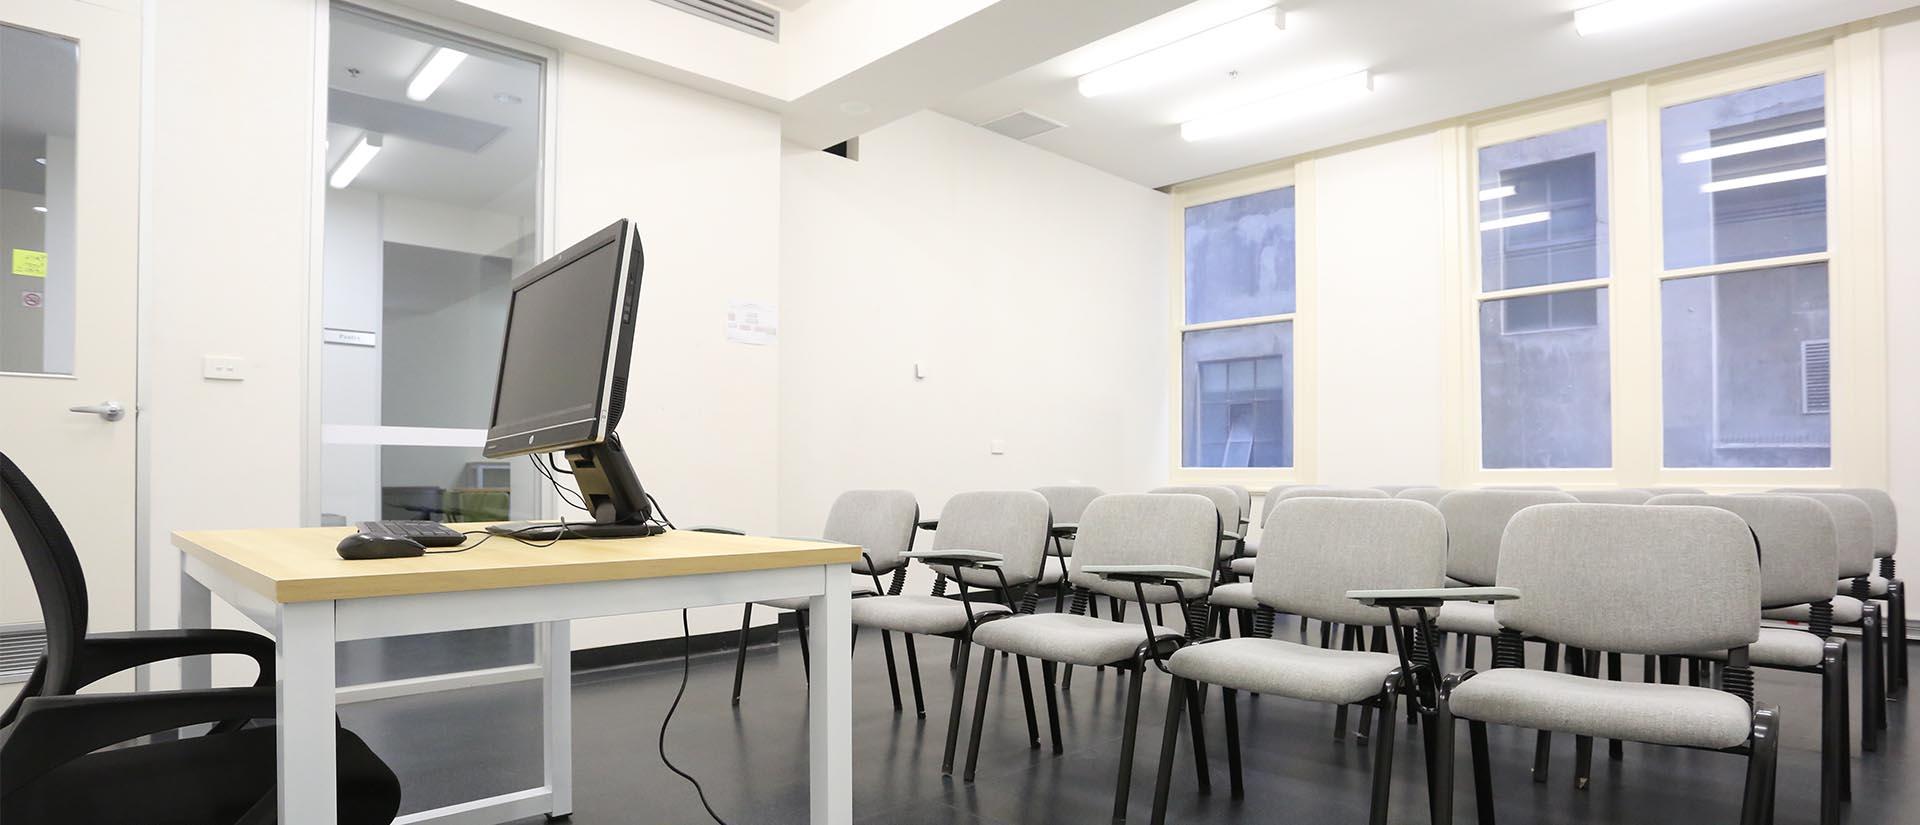 Institute Interior Design